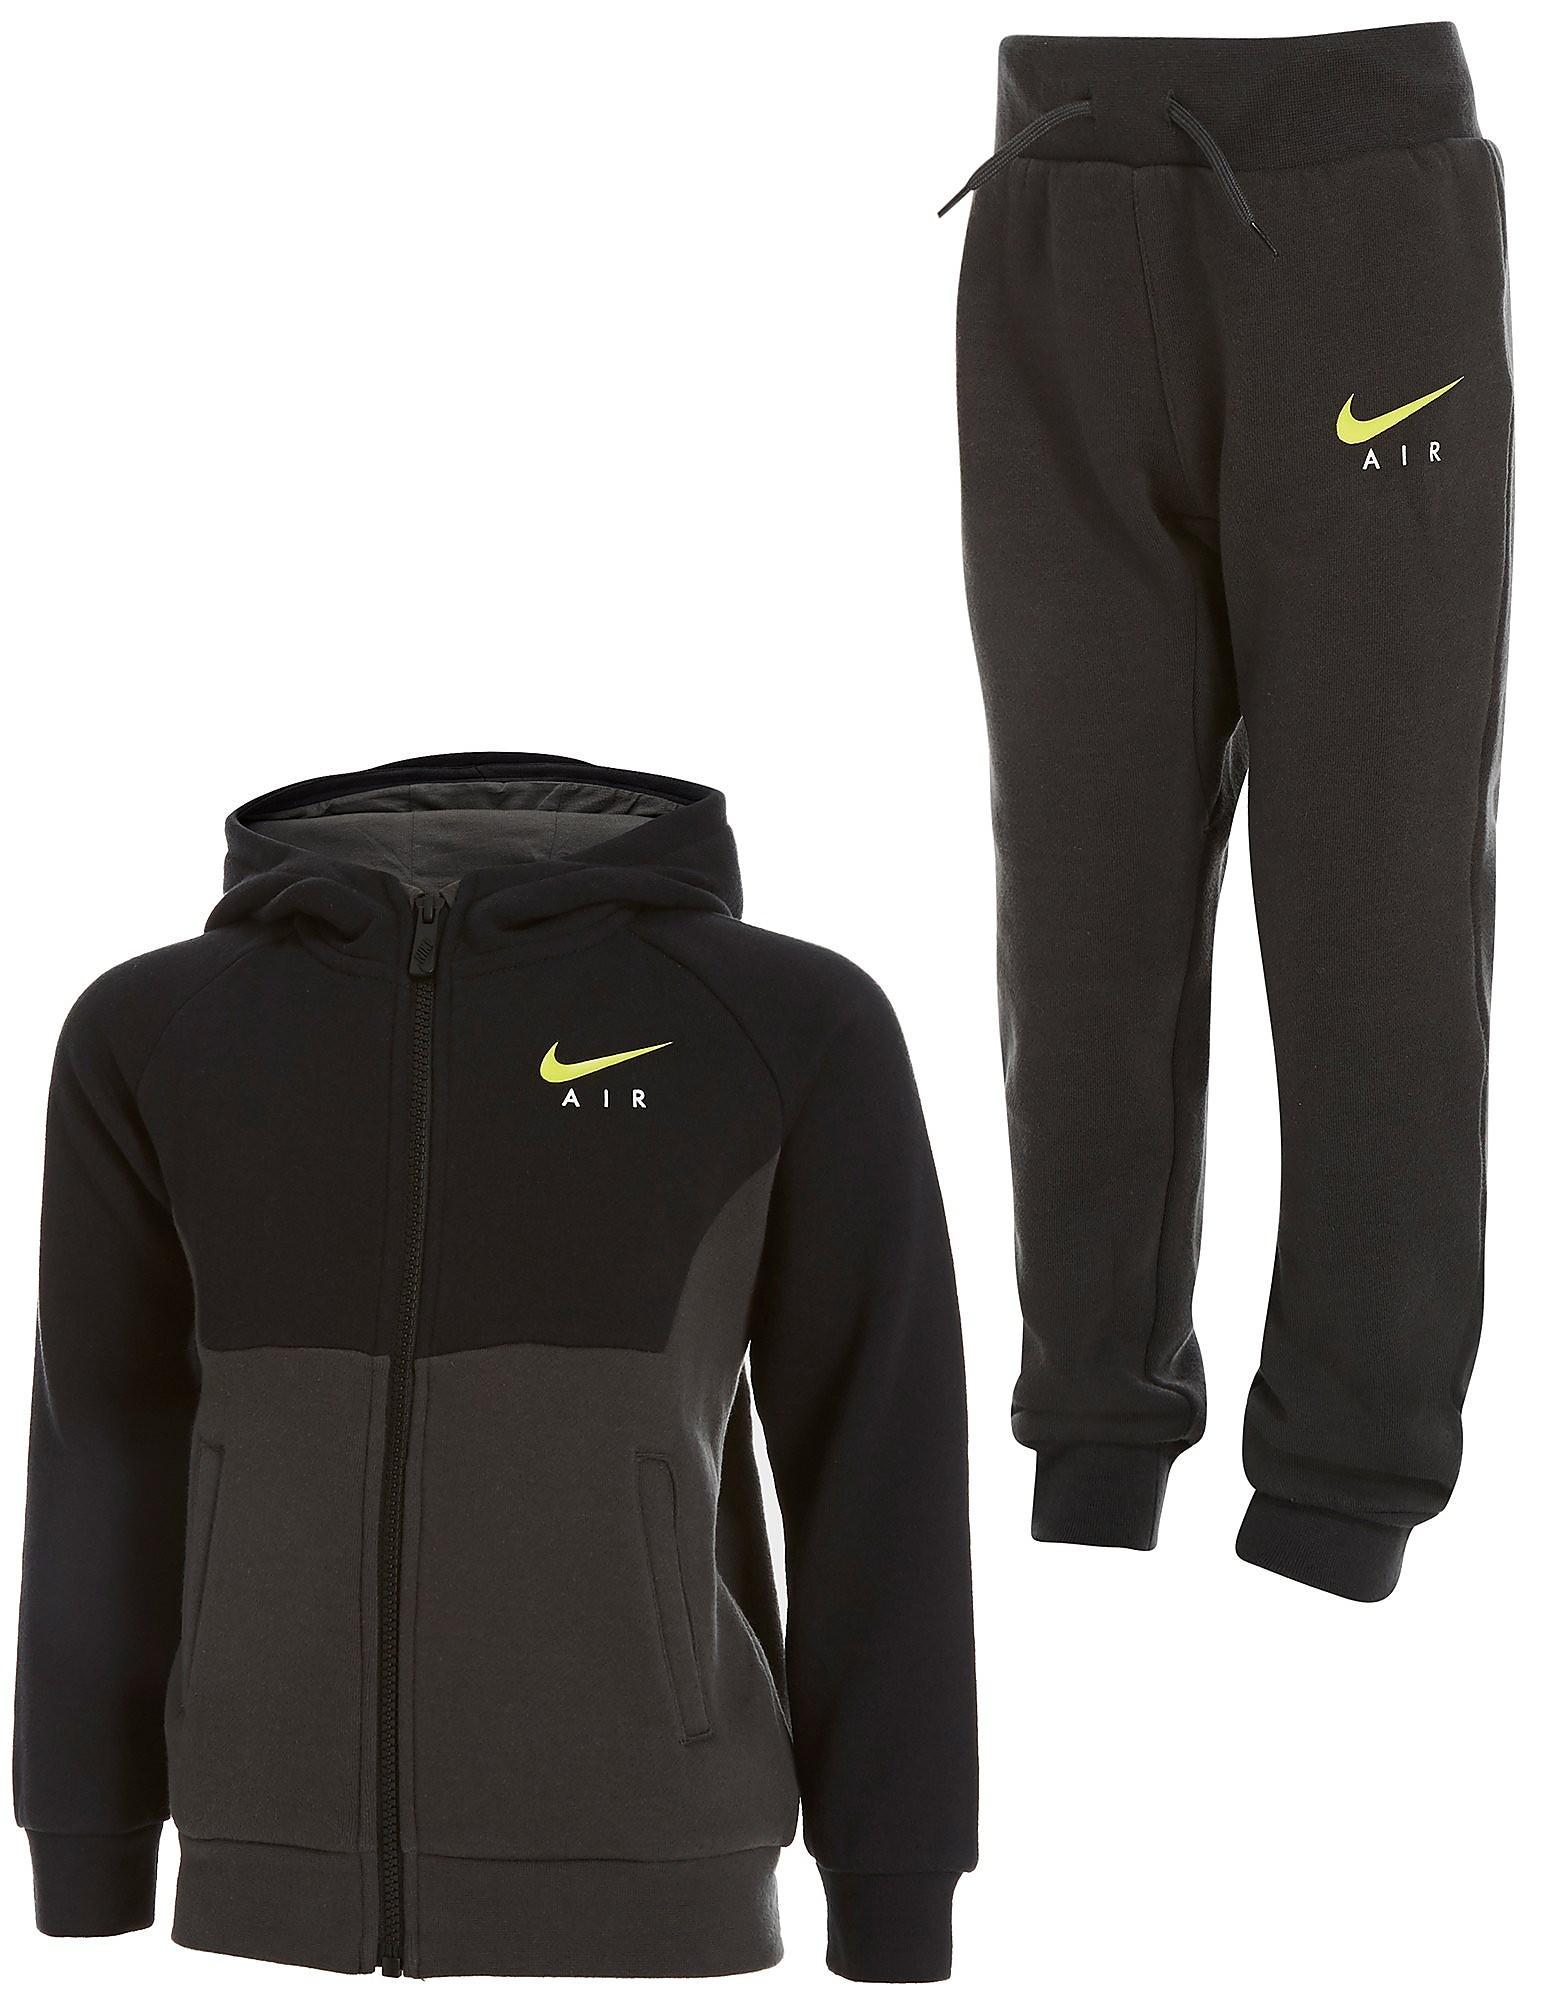 Nike Air Full Zip Tuta Sportiva Bambino